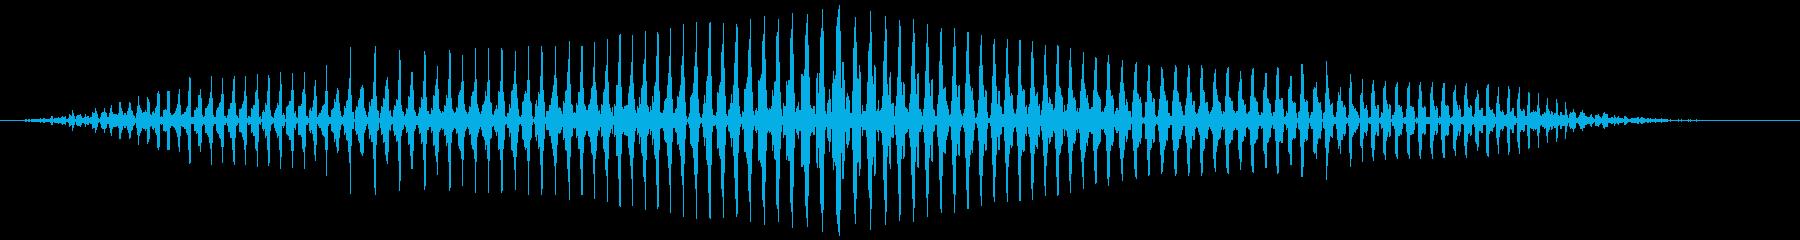 長いミュートされたおならの再生済みの波形